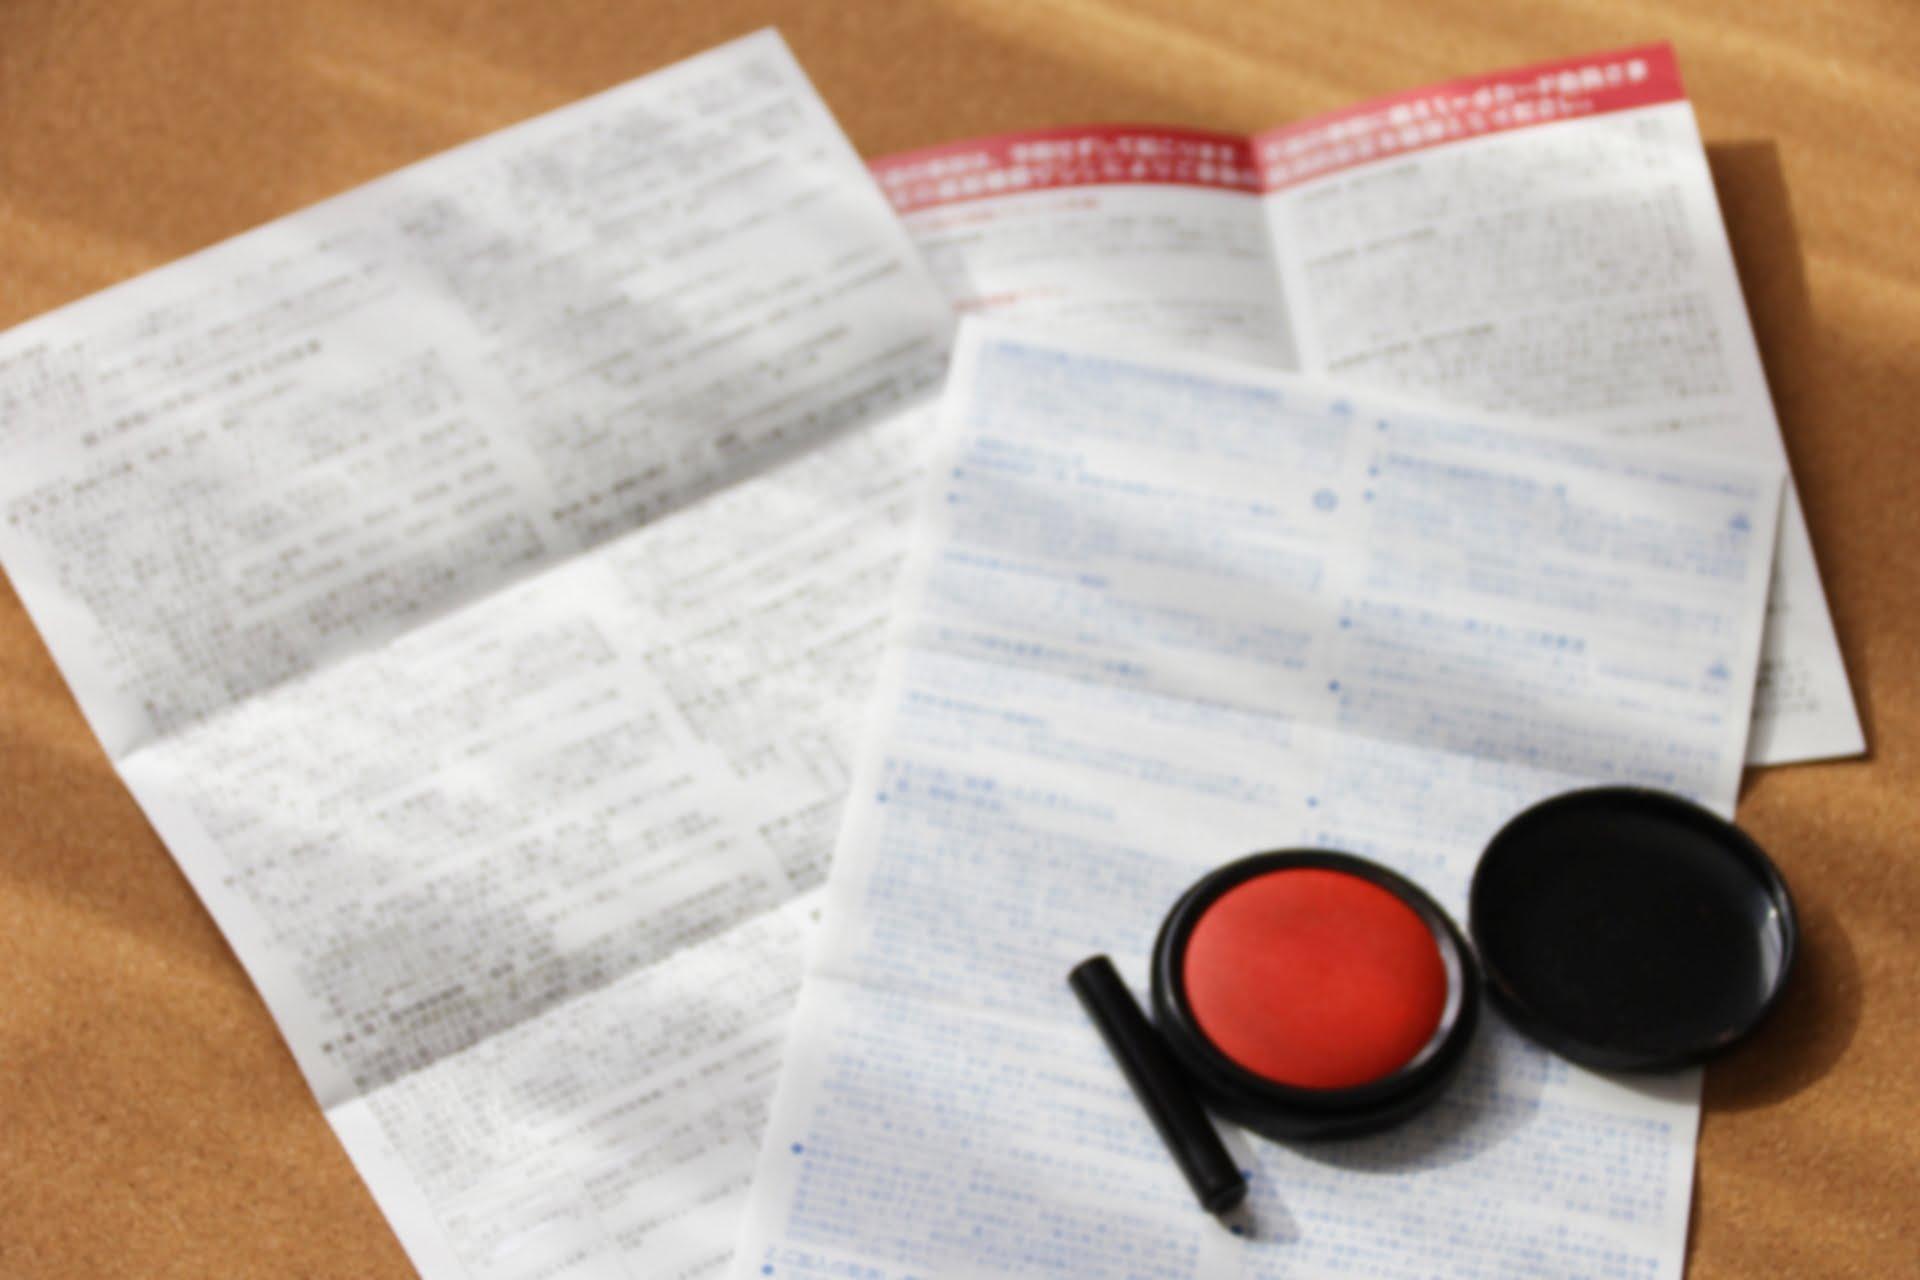 ホンダレンタカー レンタカー貸渡約款イメージ画像